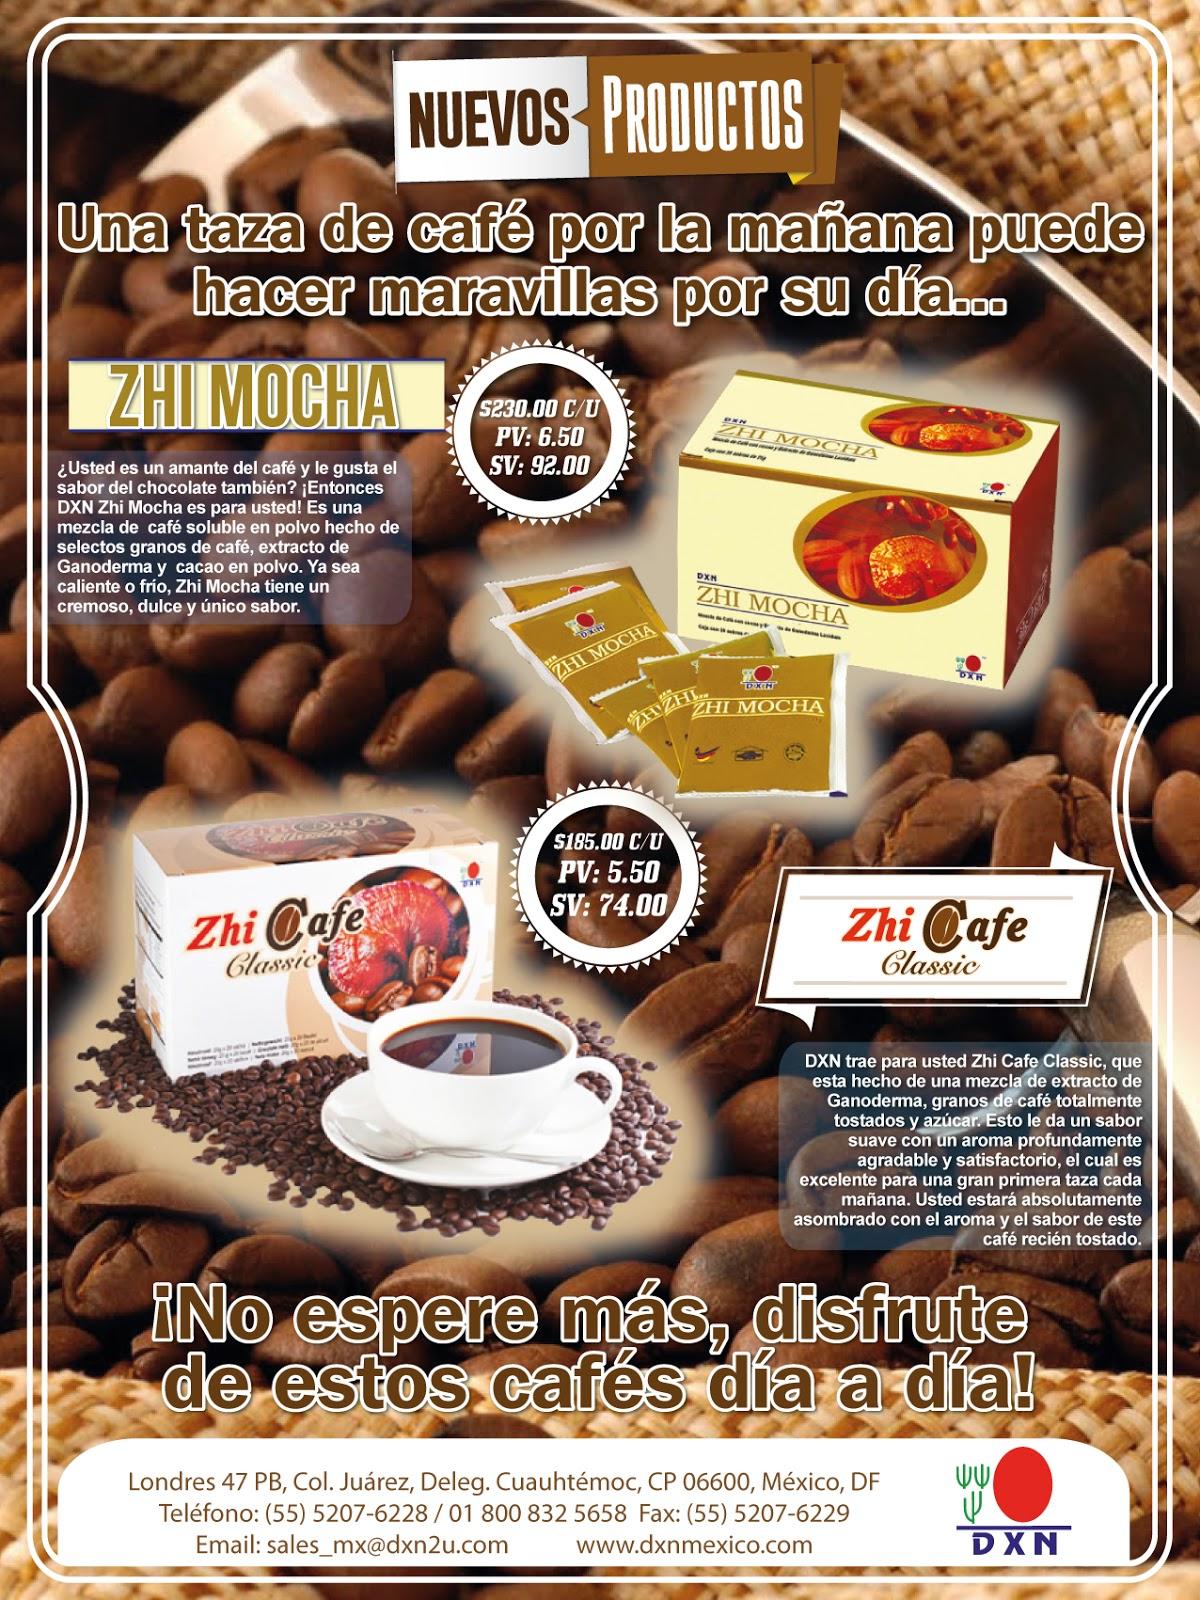 Gnc guatemala productos para adelgazar